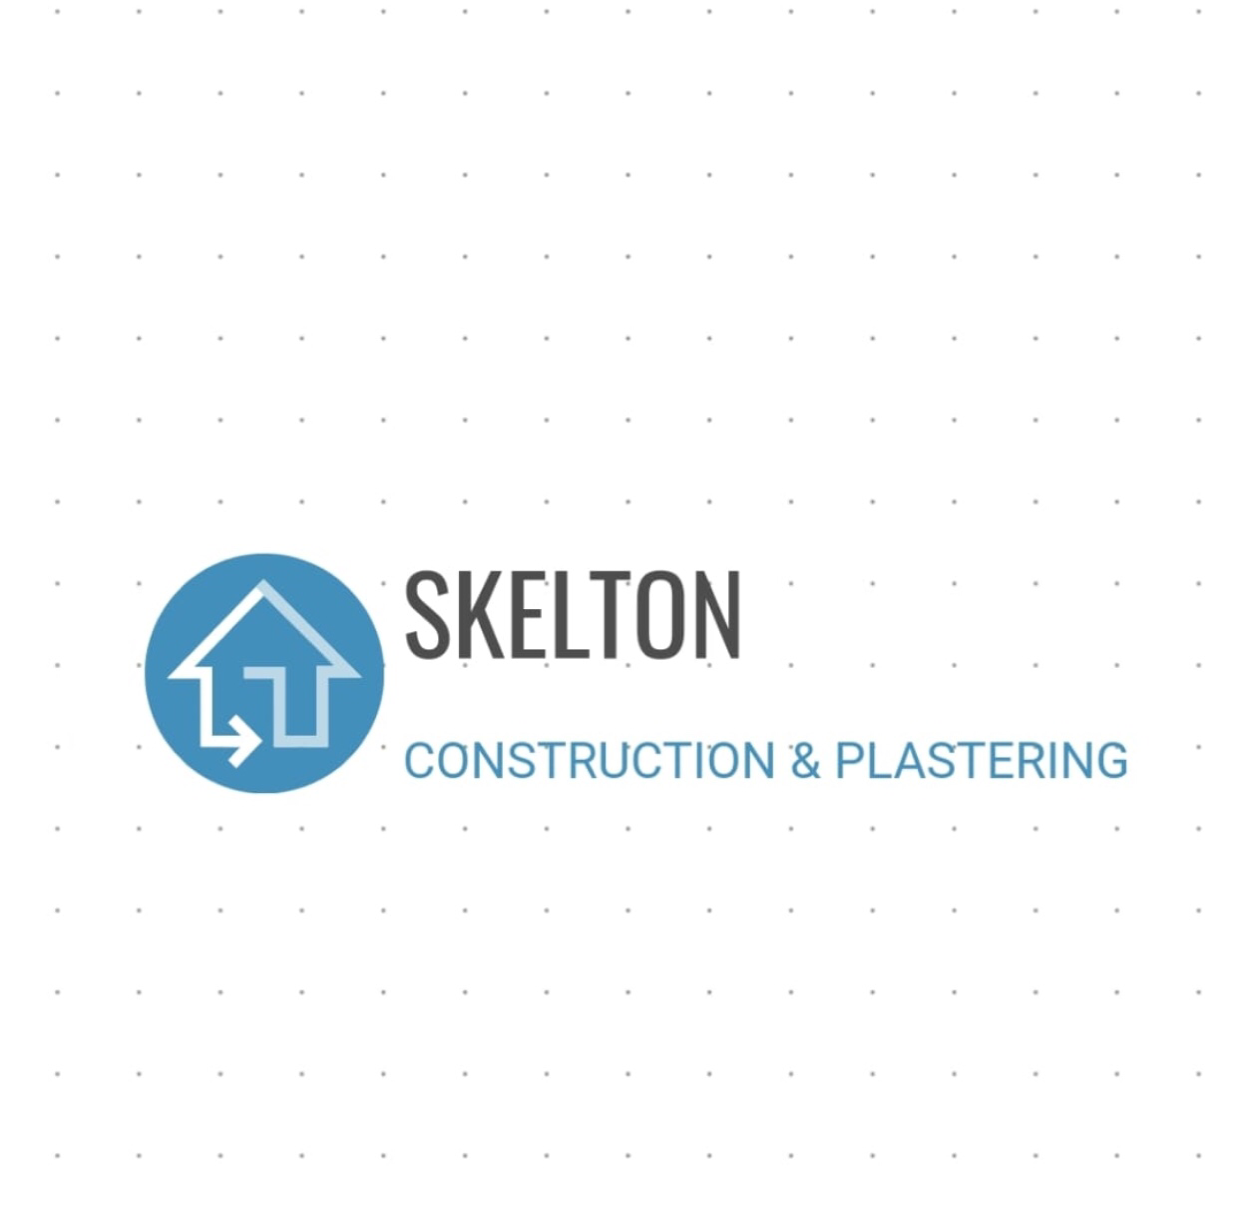 Skelton construction & plastering